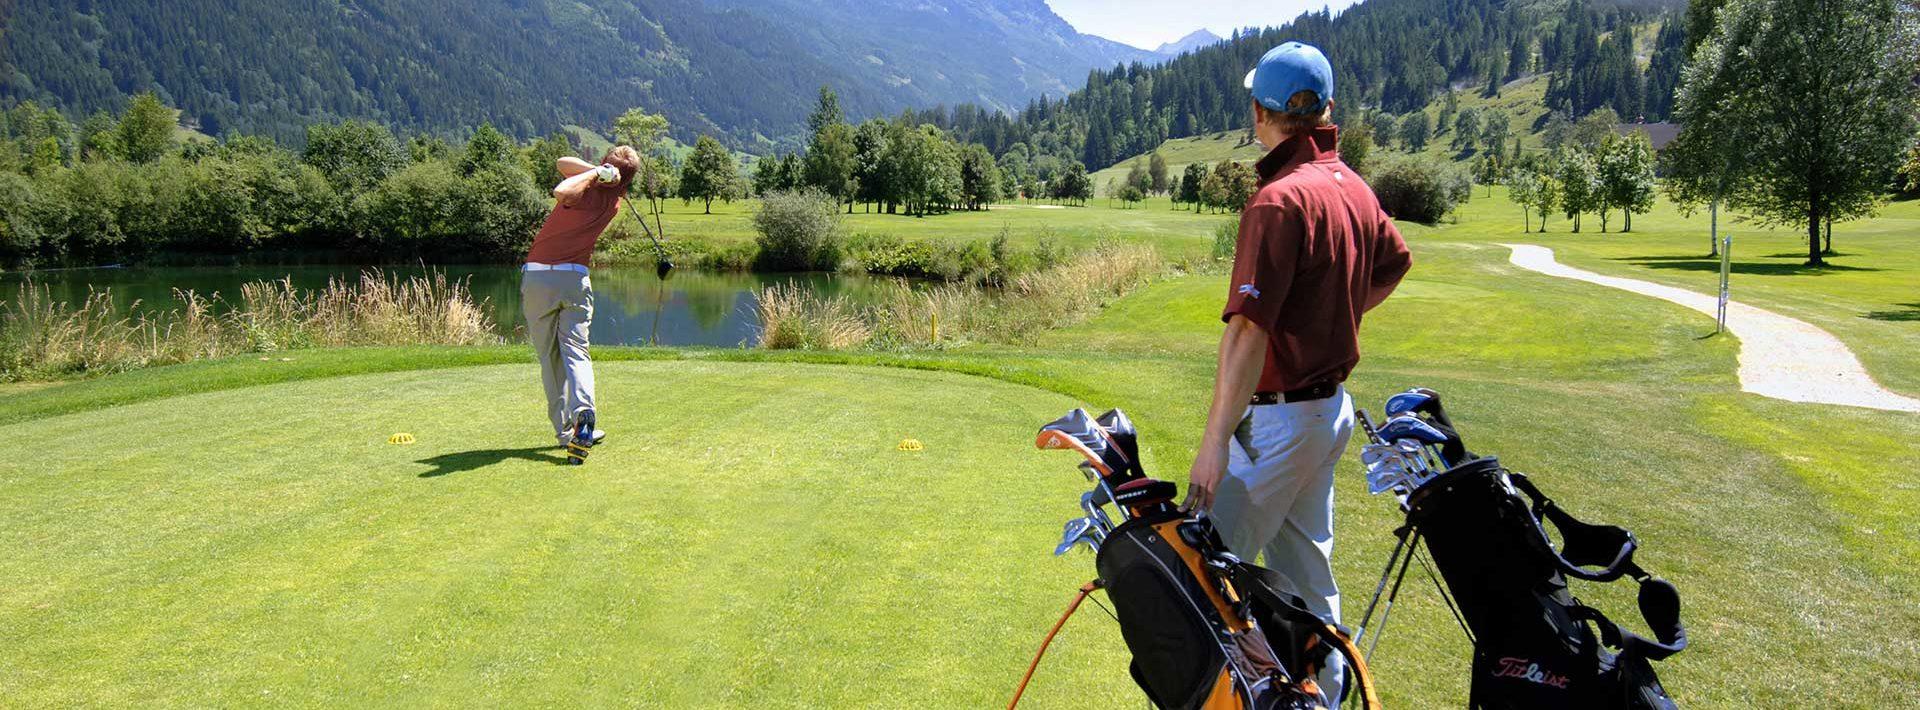 Golfurlaub in Radstadt, Golfpauschalen Ferienhaus Kössler